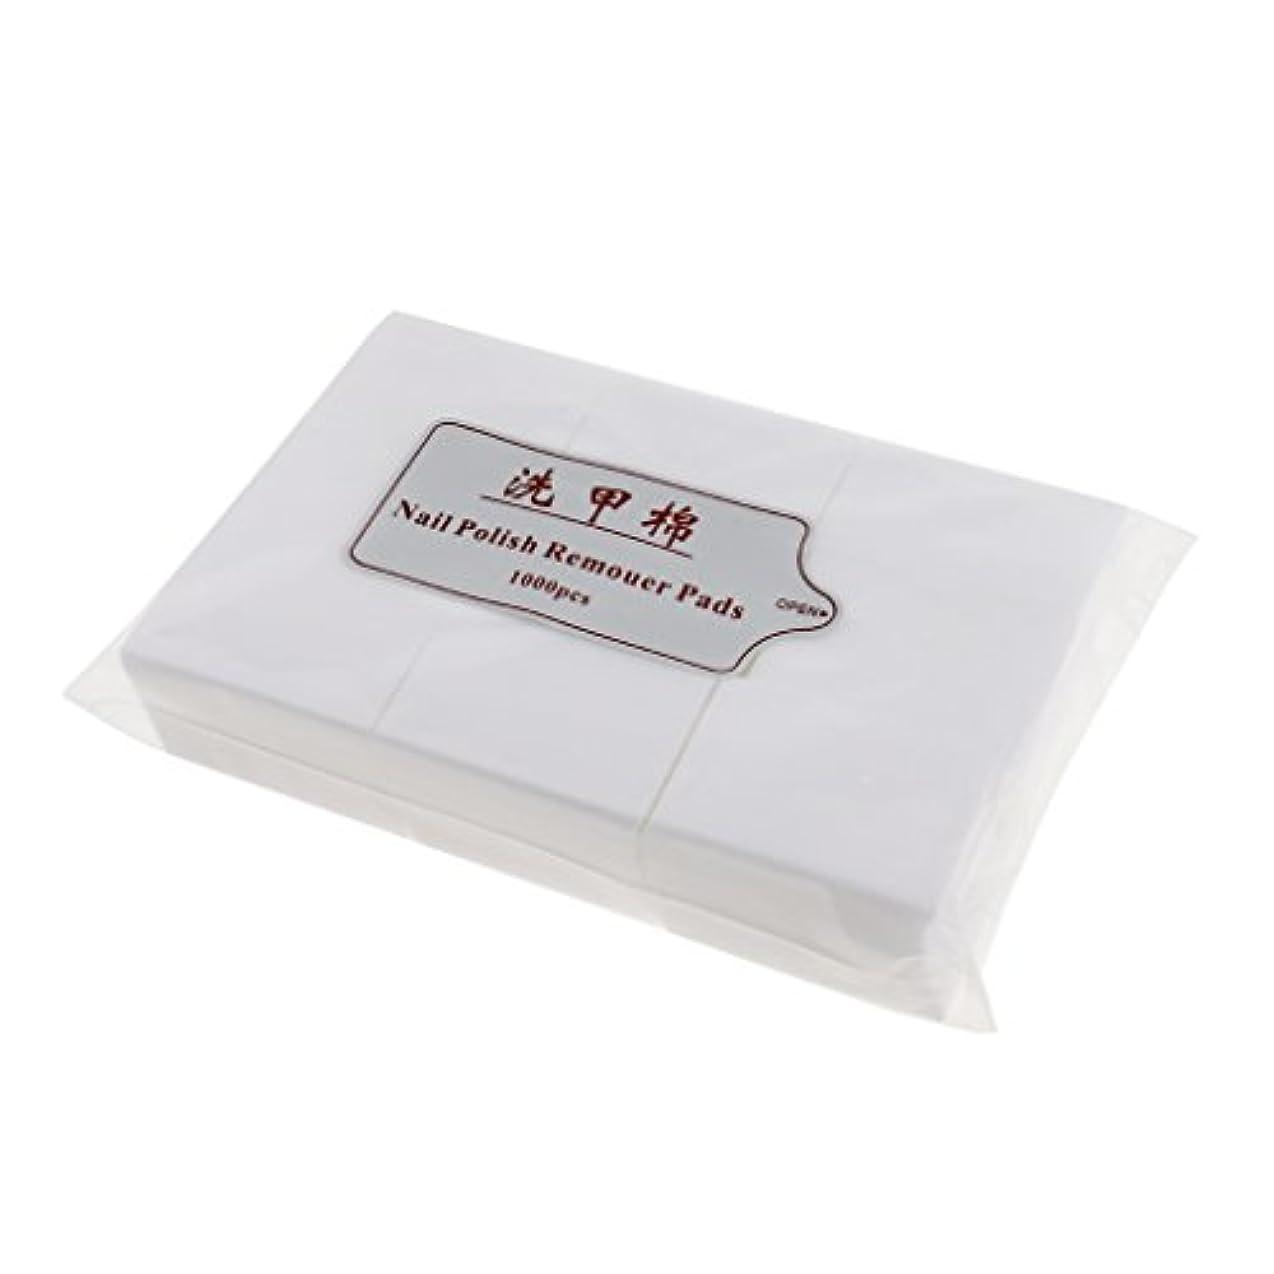 再集計不透明なナース約1000個 ネイルコットンパッド ネイルアートチップ パッド紙 マニキュア 吸水性 衛生的 ネイルサロン